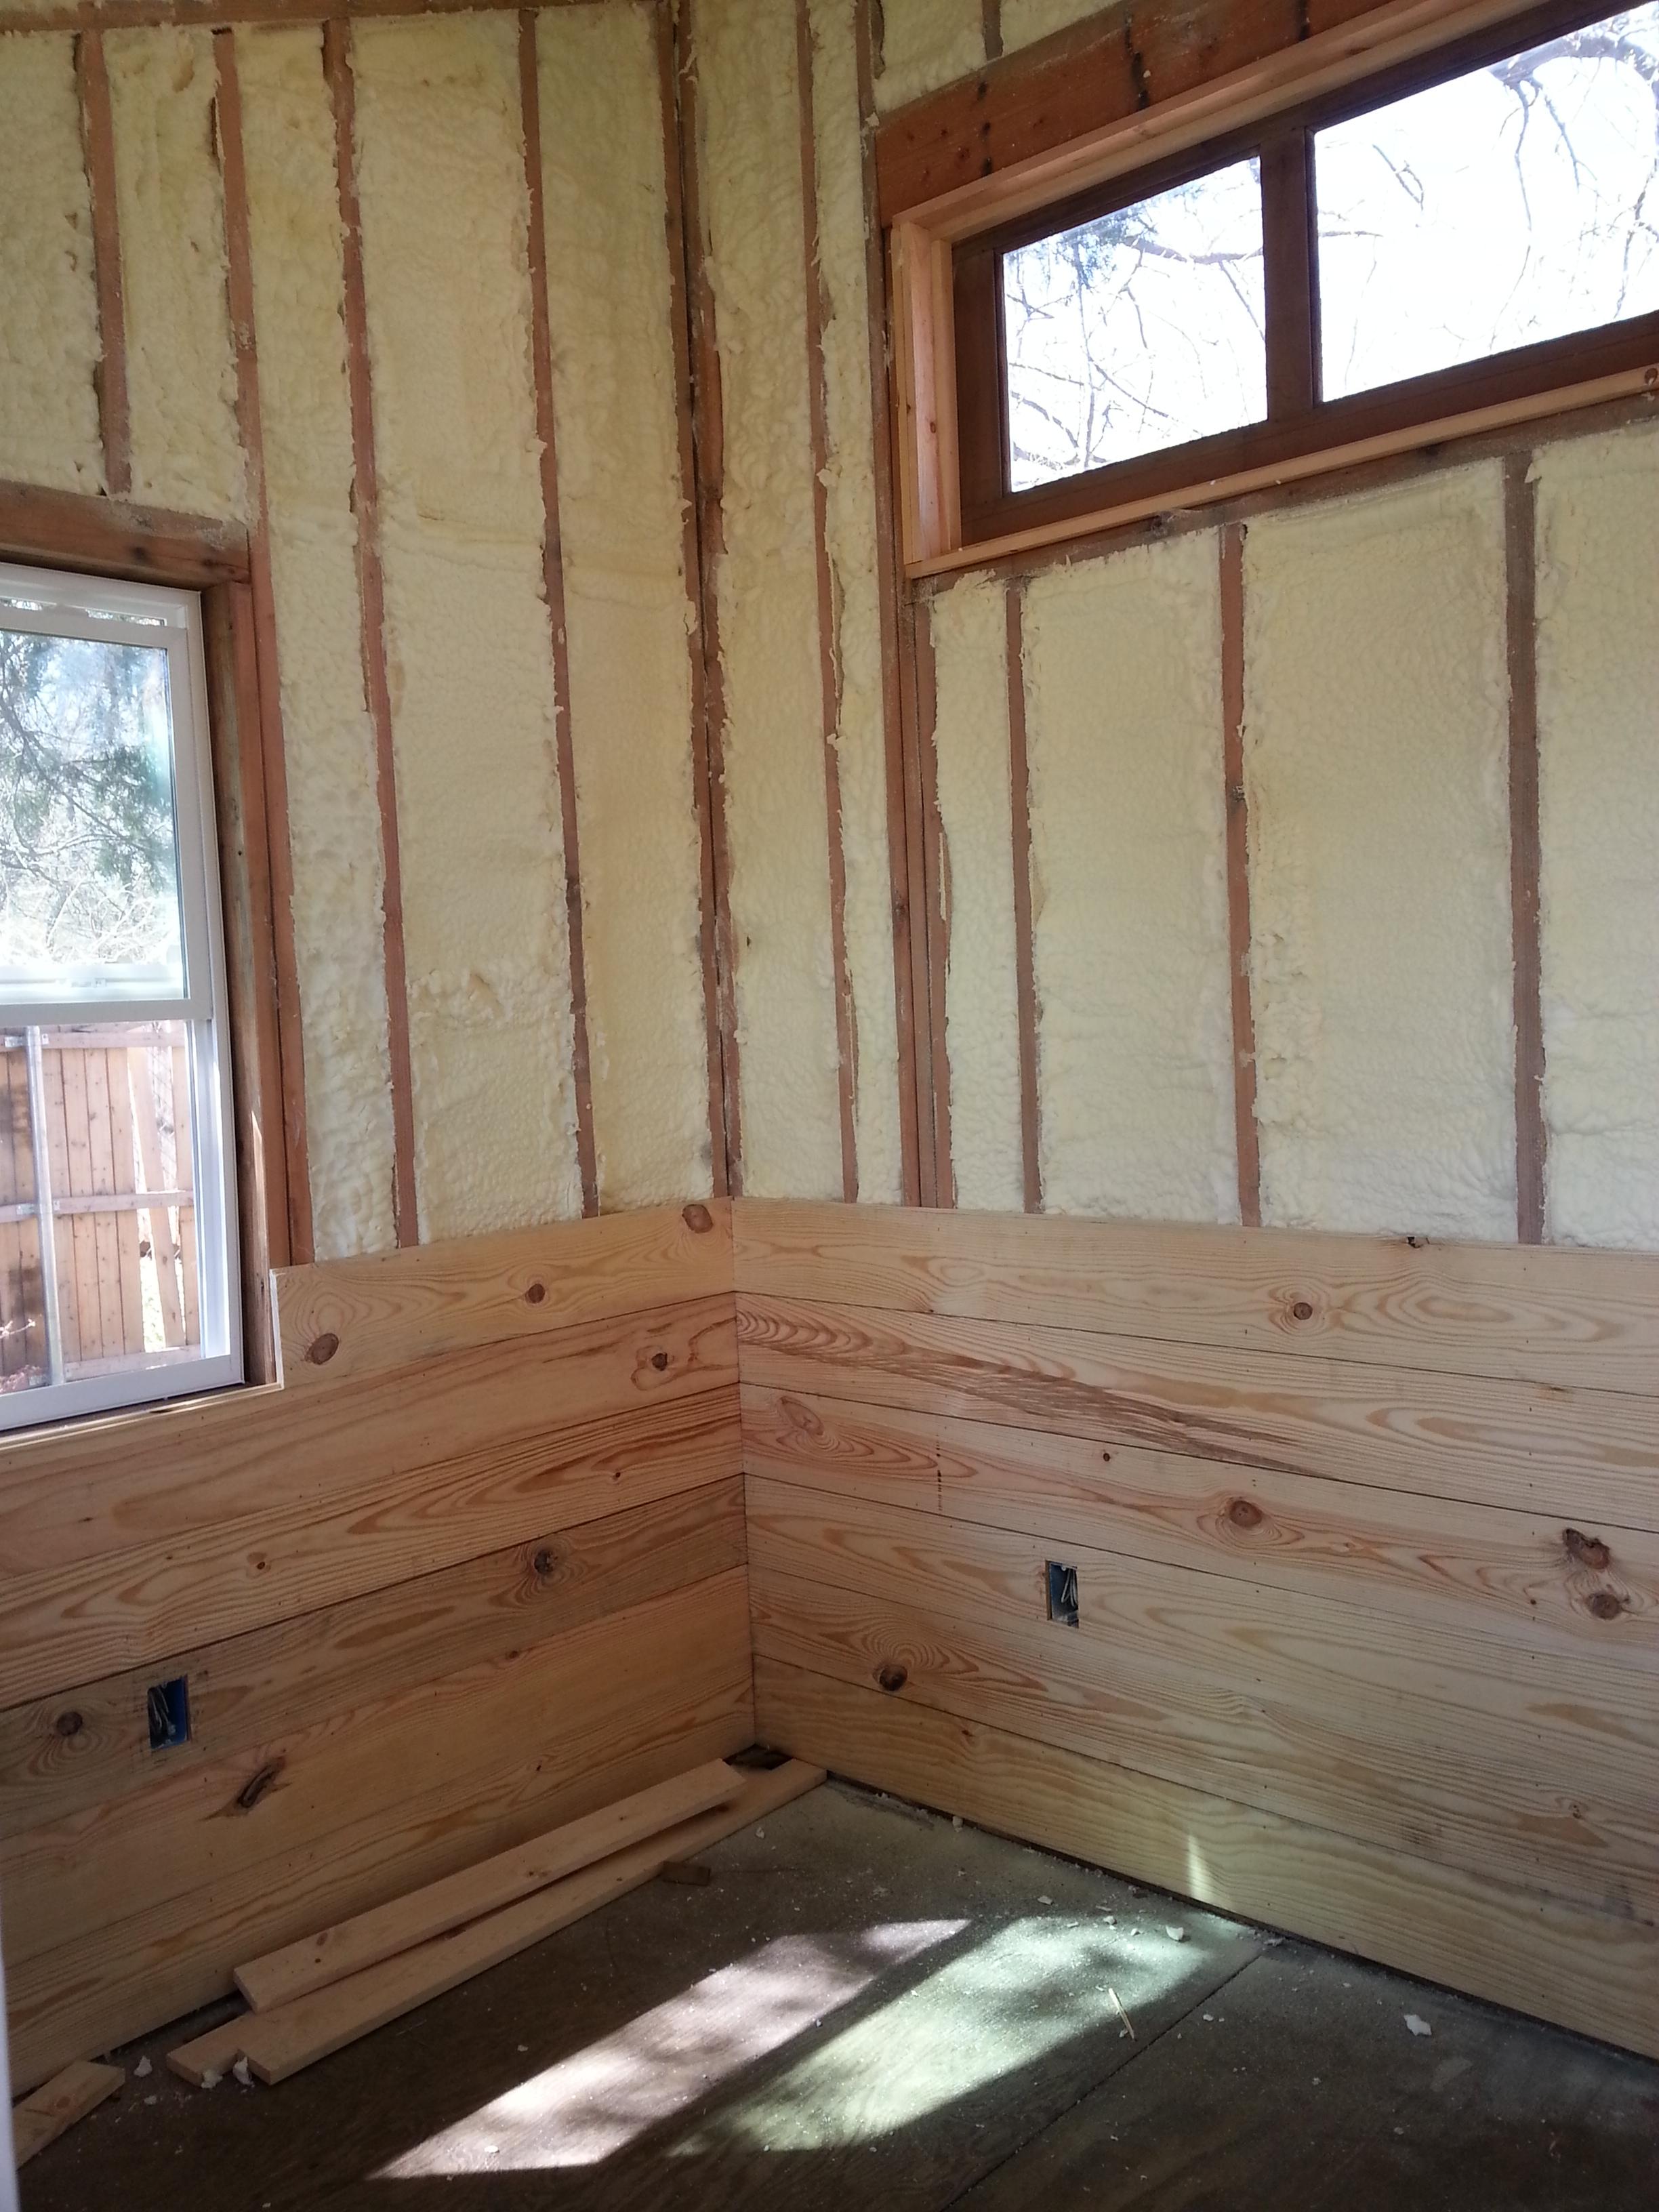 K shed - 075.jpg